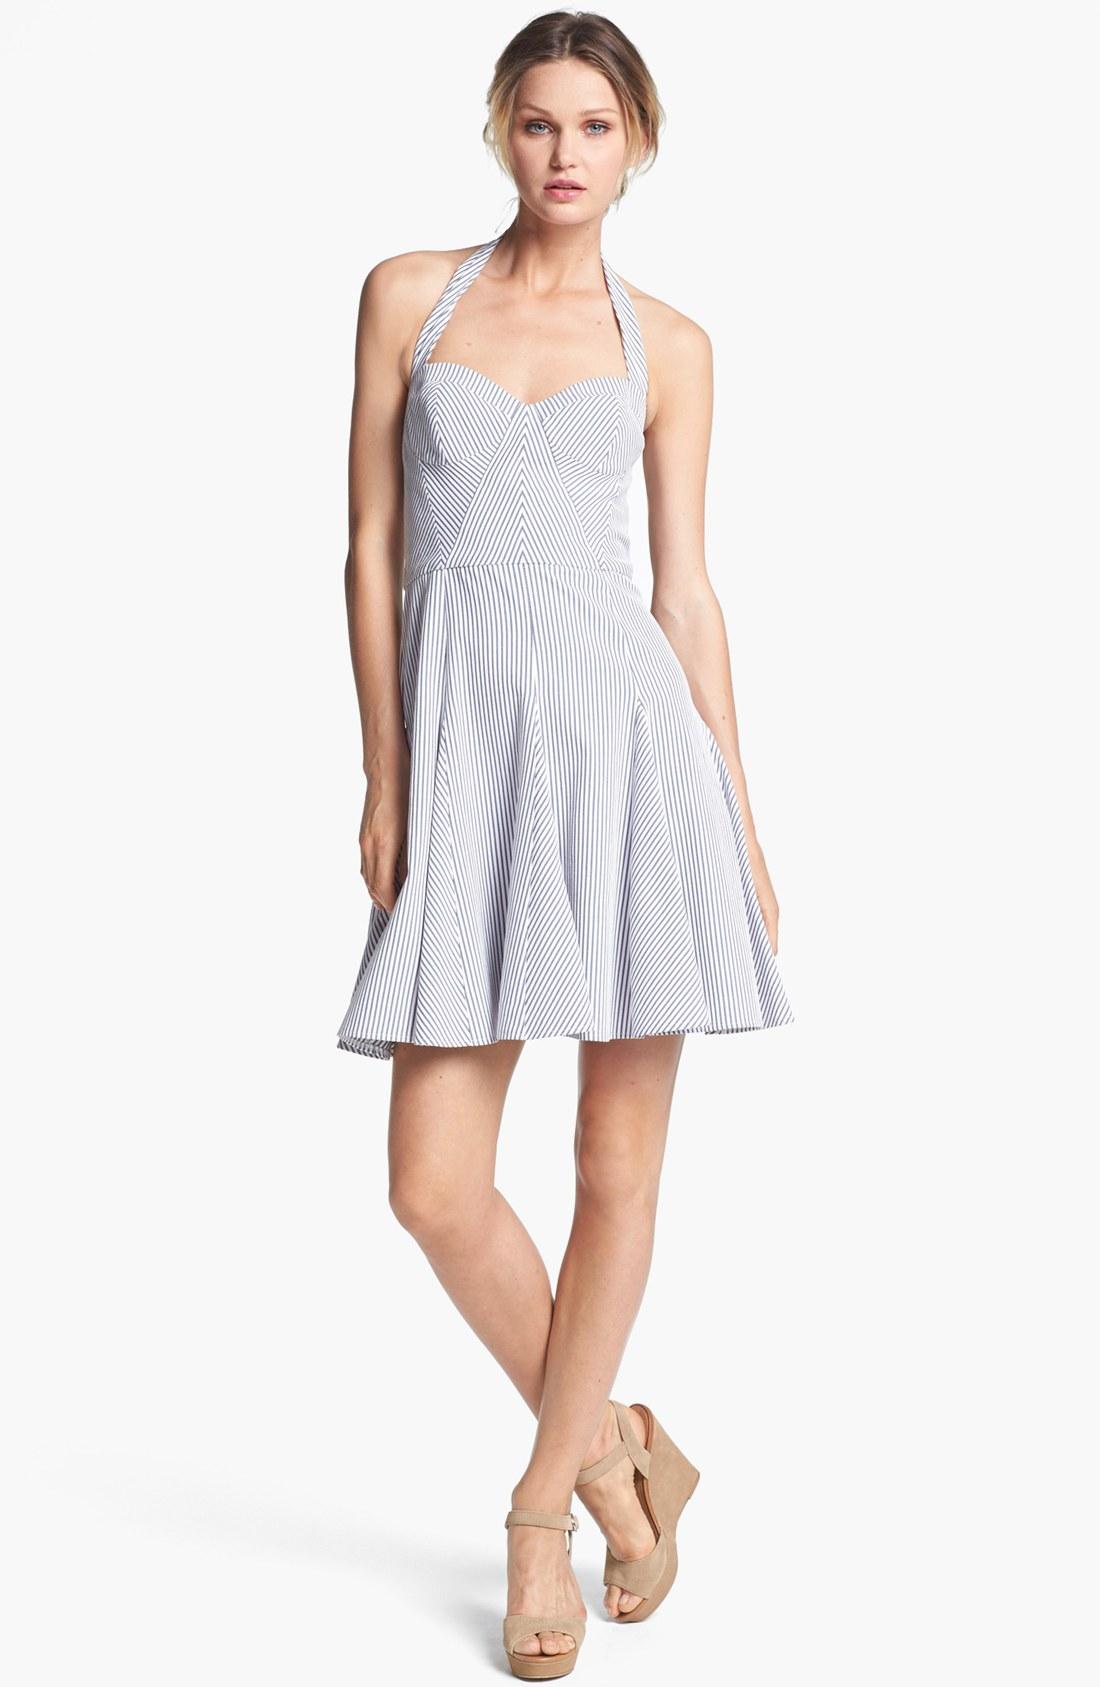 Betsey Johnson Halter Fit Flare Dress In White White